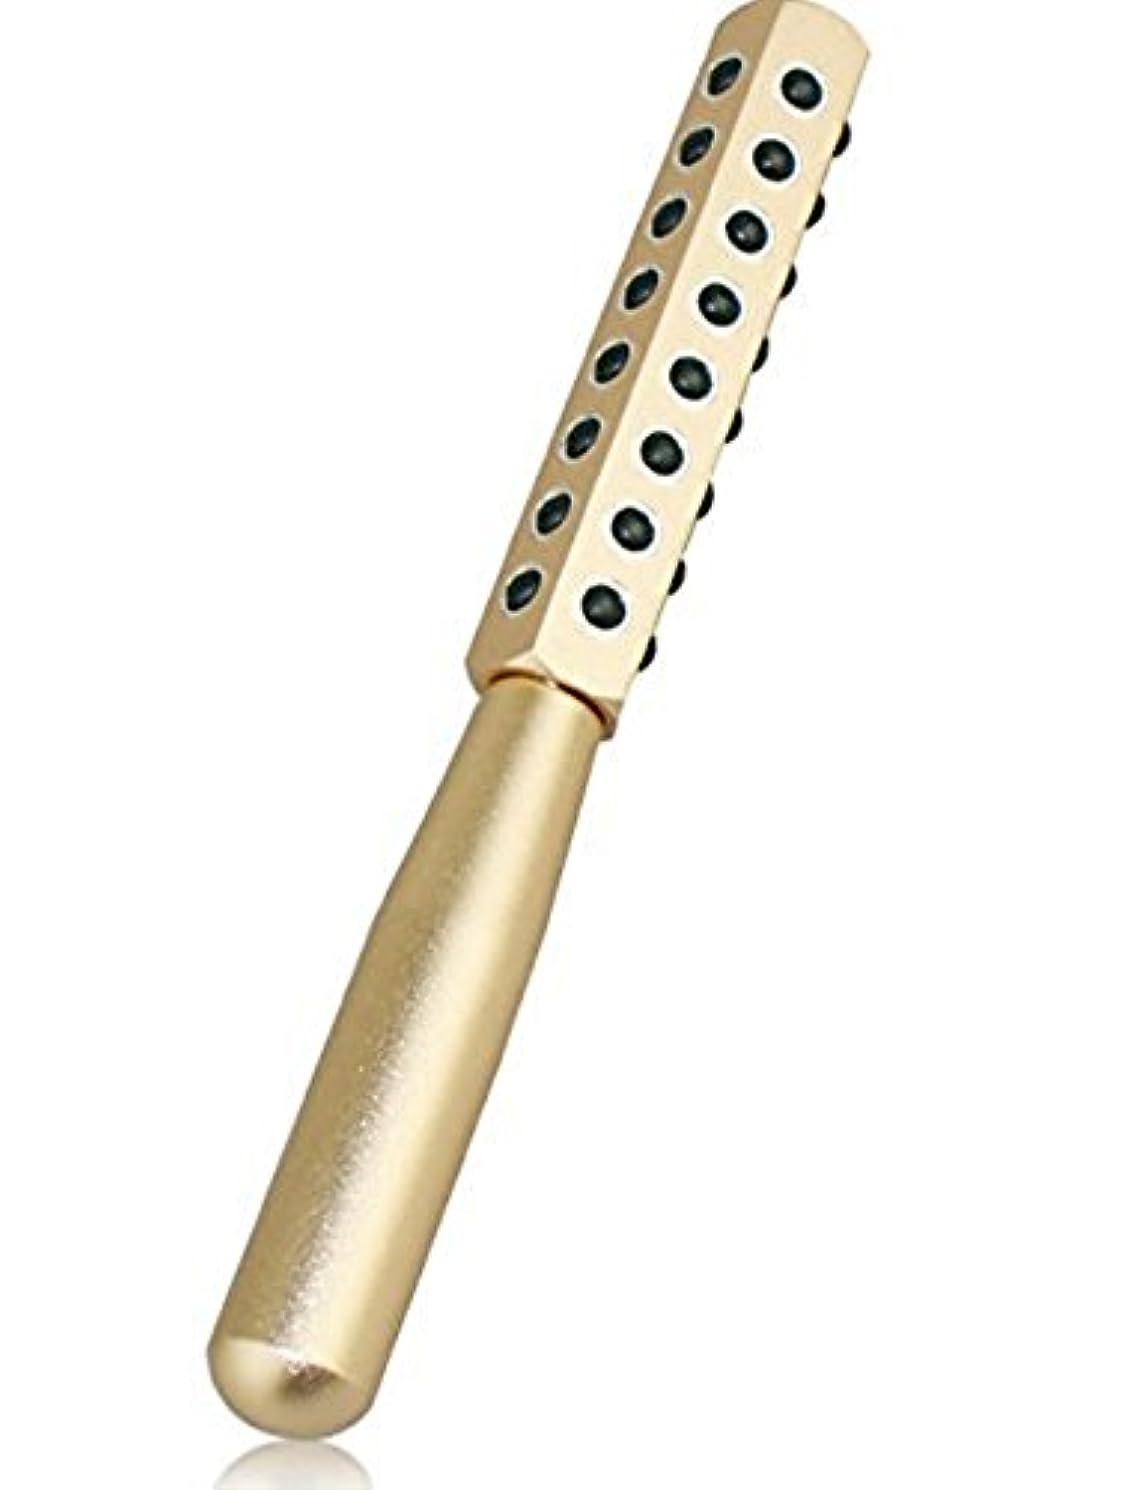 マッシュ言い訳フィードオンCREPUSCOLO ゲルマローラー 美顔器 美肌 ハリ ツヤ ほうれい線 純度99% ゲルマニウム粒子40粒/額 ほほ 目じり あご~首すじ デコルテ 二の腕 手の甲 気になるところをコロコロ ゴールド シルバー (ゴールド)